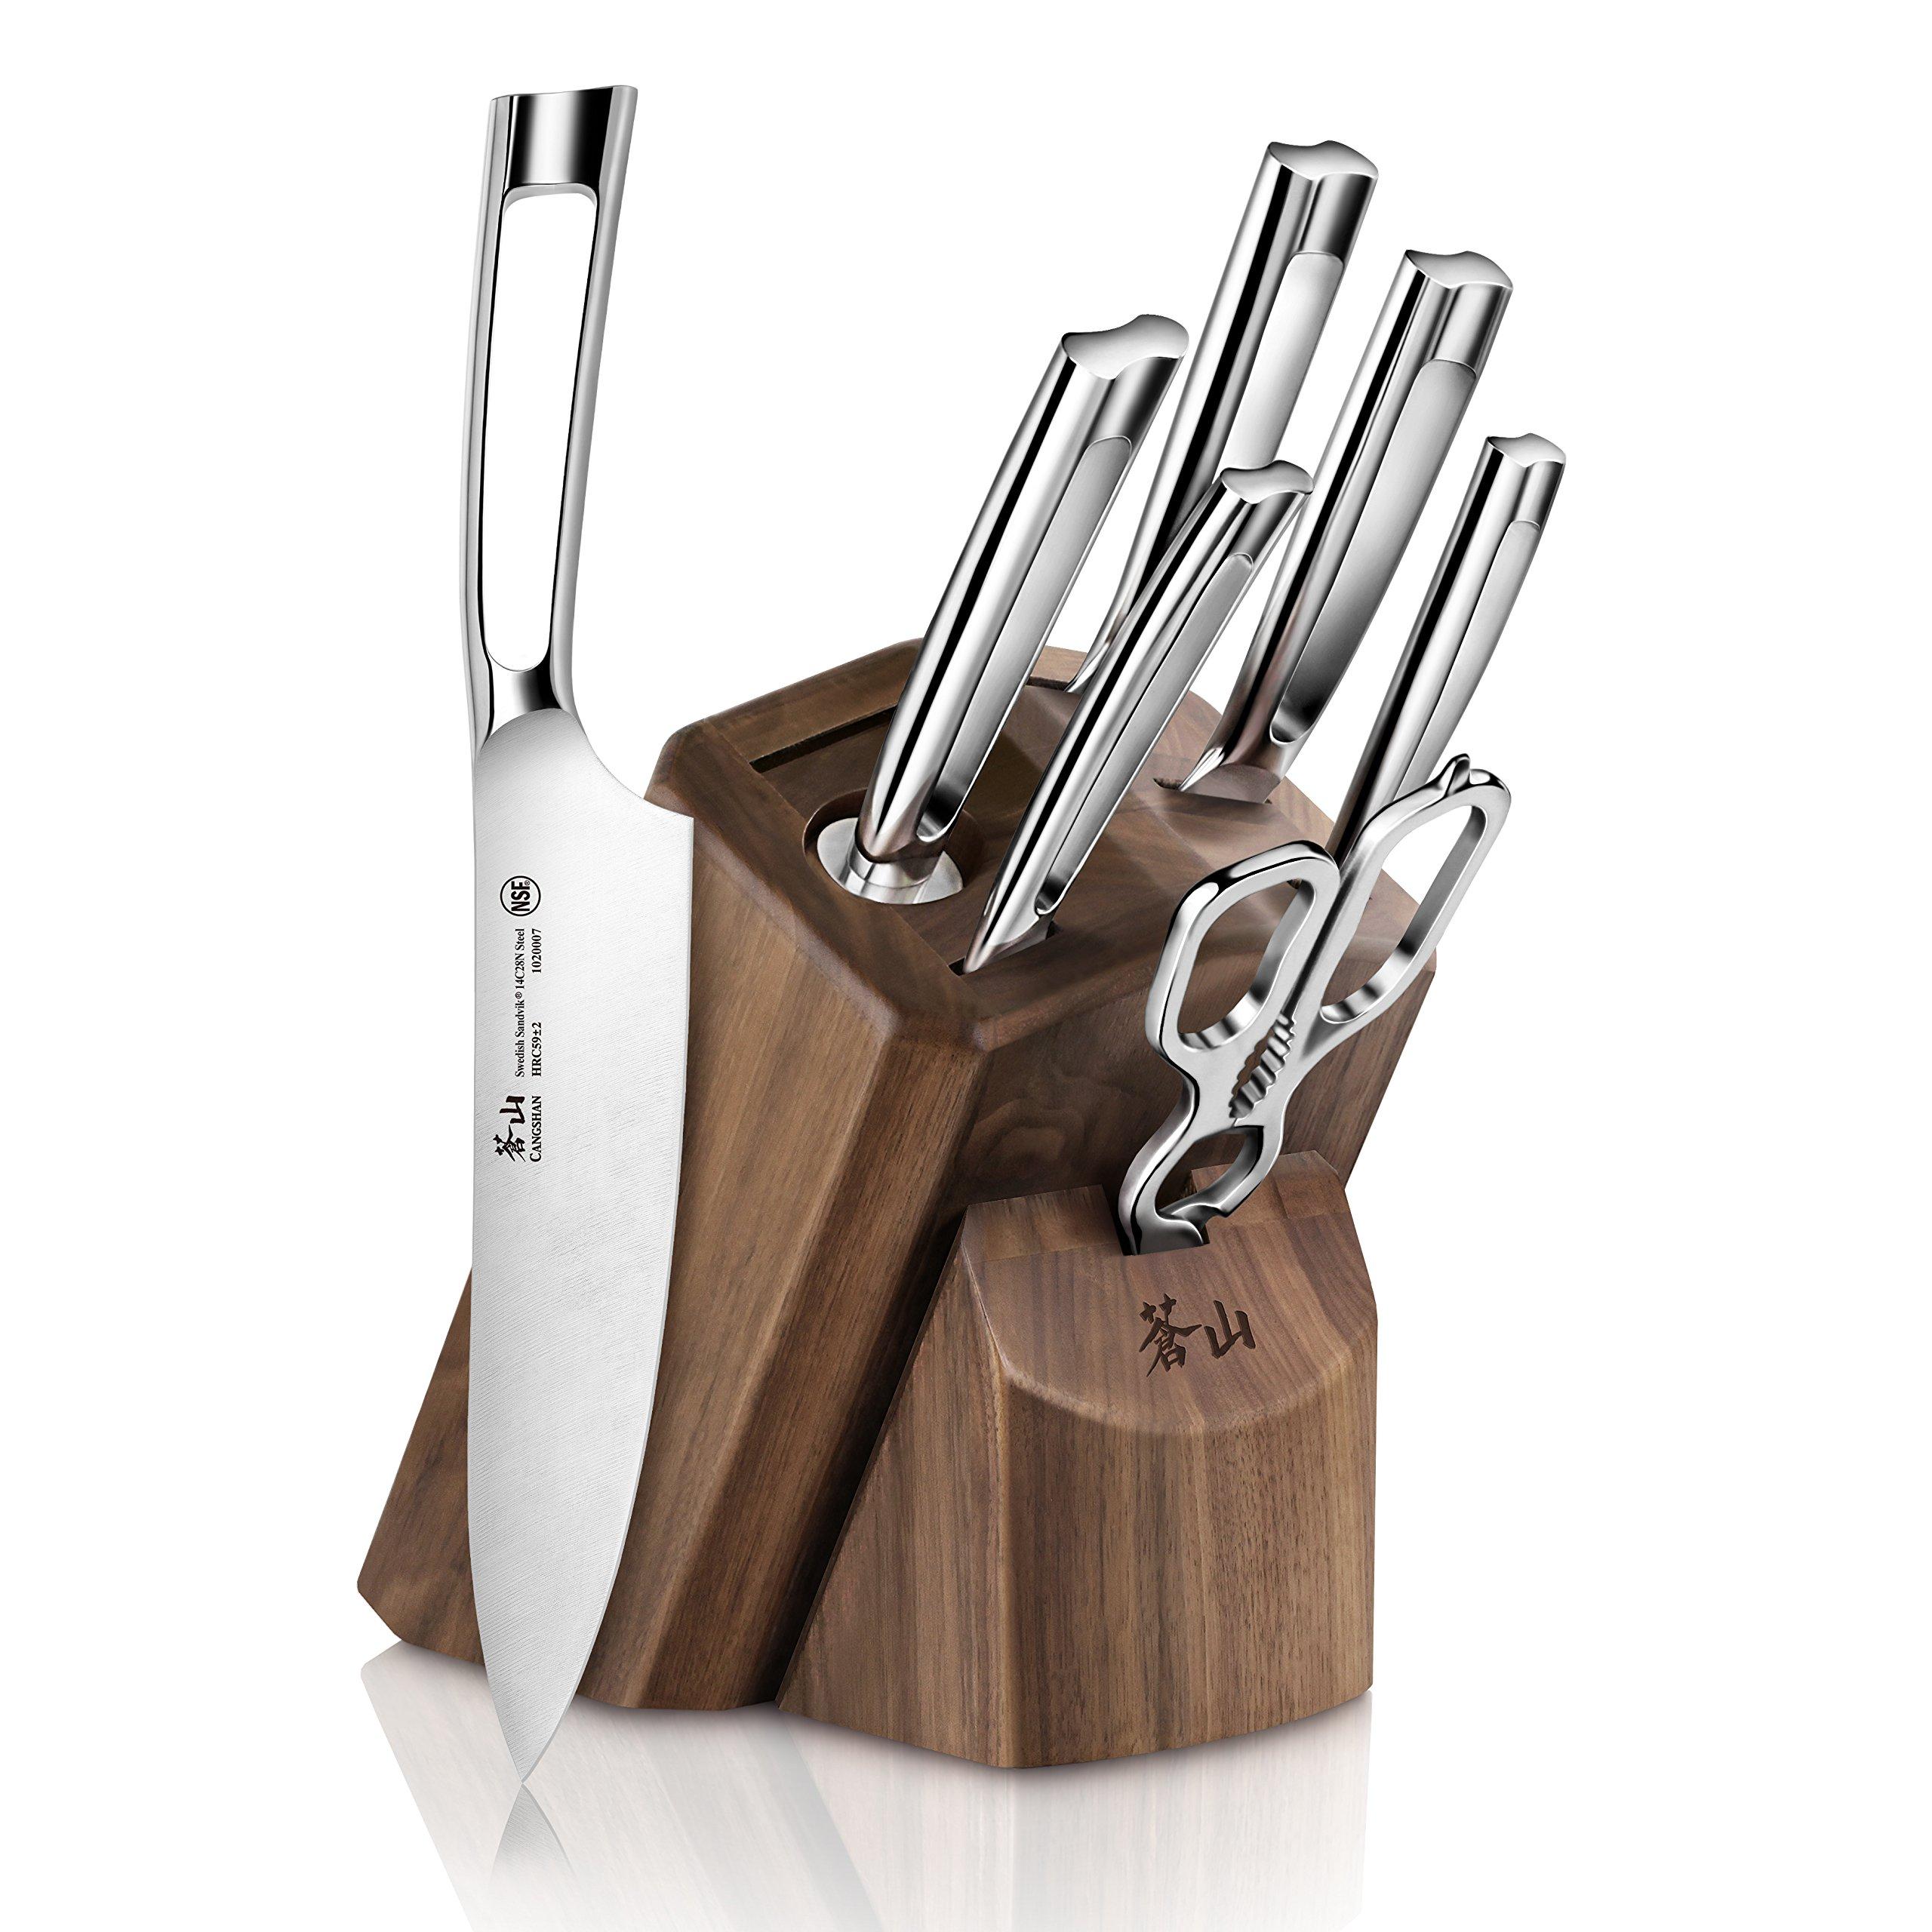 Cangshan TN1 Series 1021950 Swedish Sandvik 14C28N Steel Forged 8-Piece Knife Block Set, Walnut